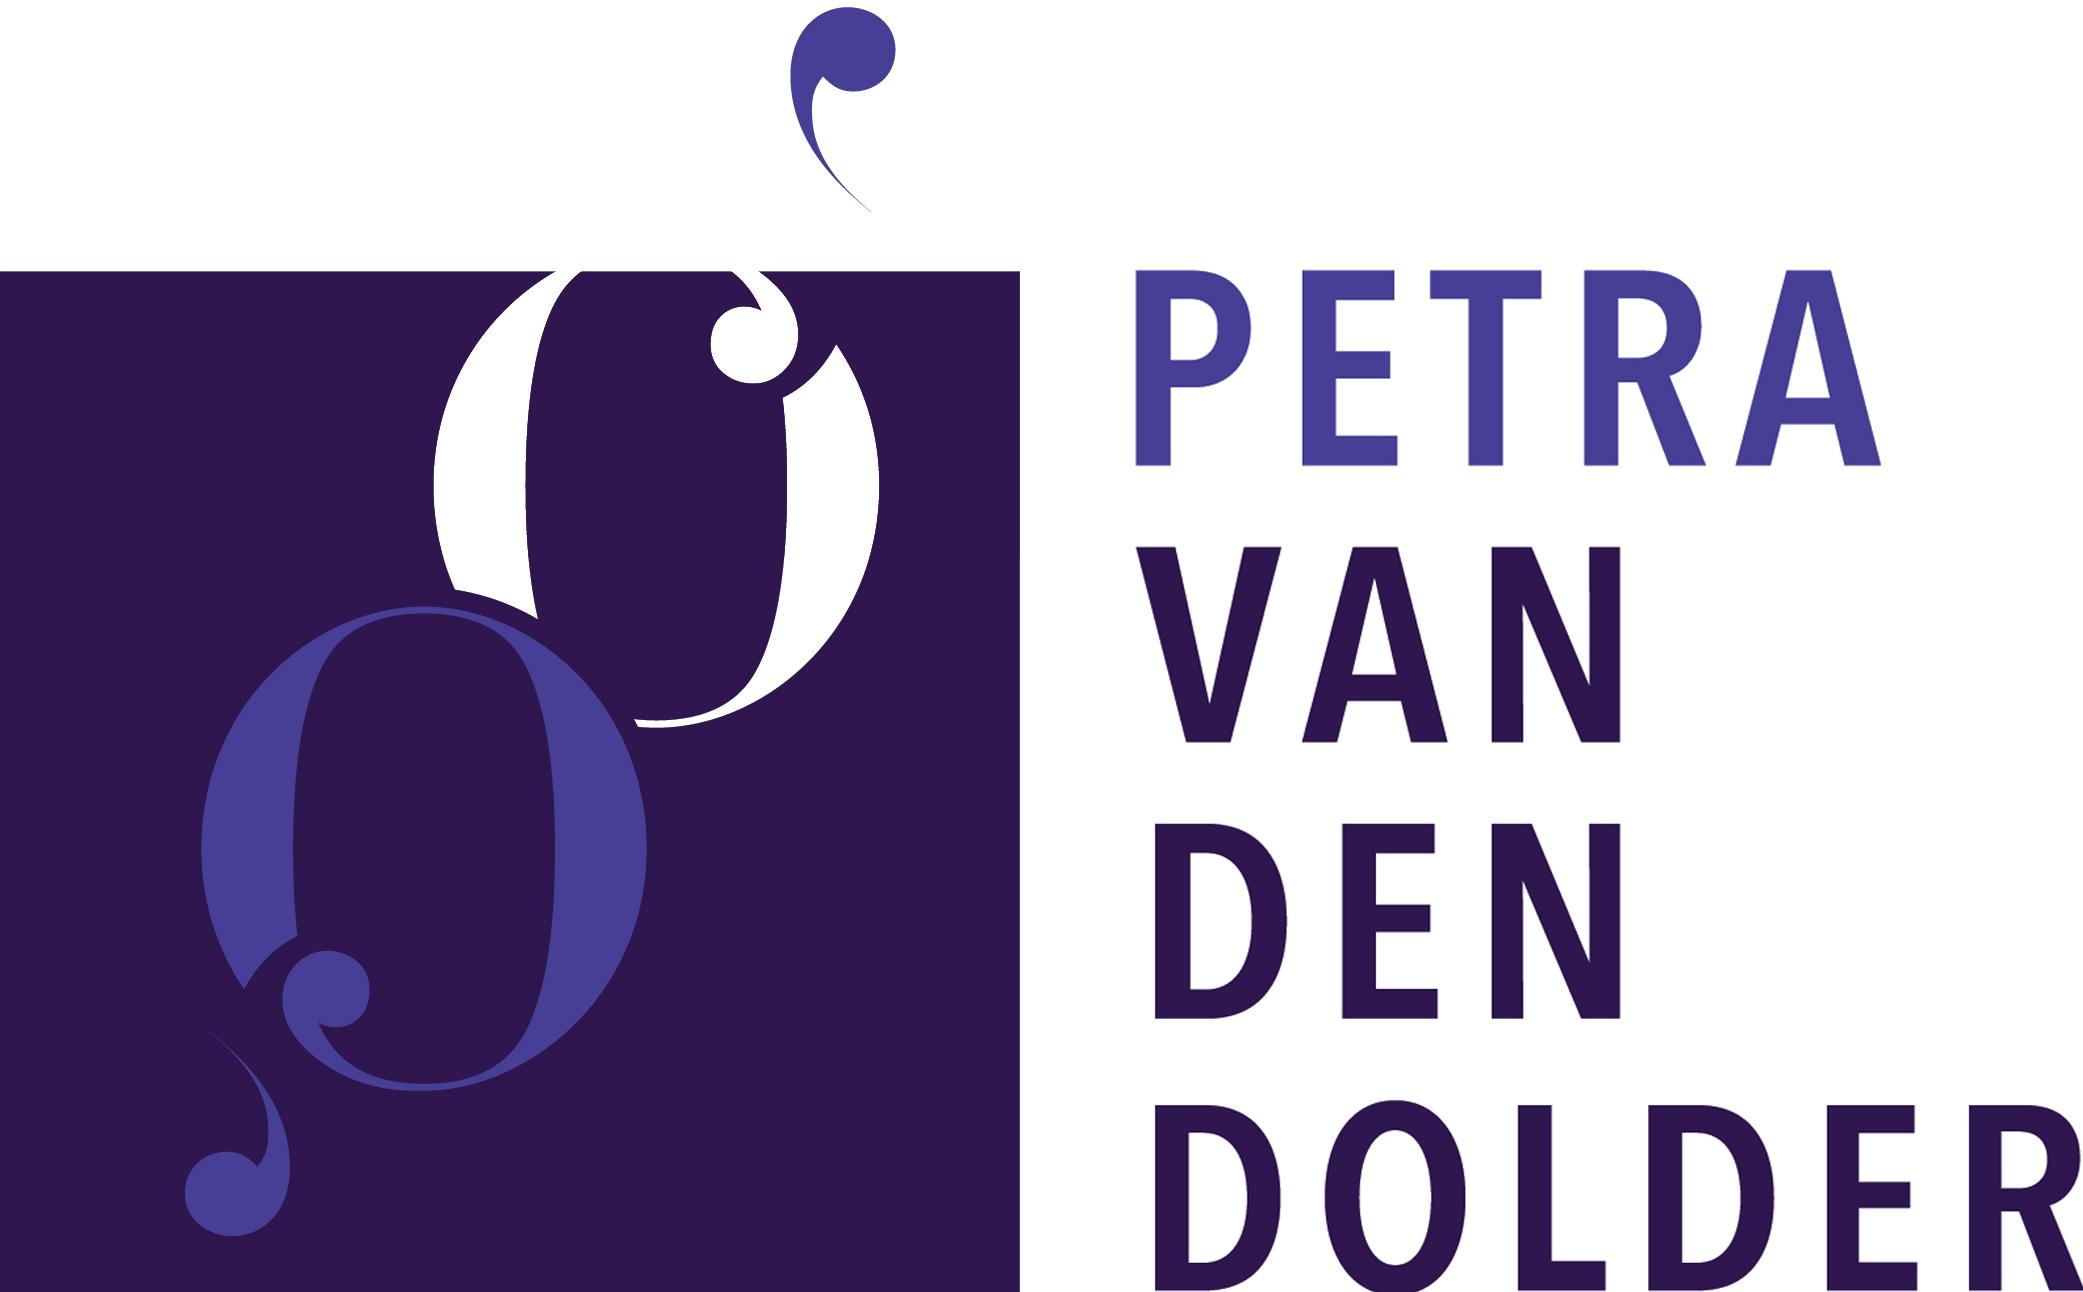 Petra van den Dolder